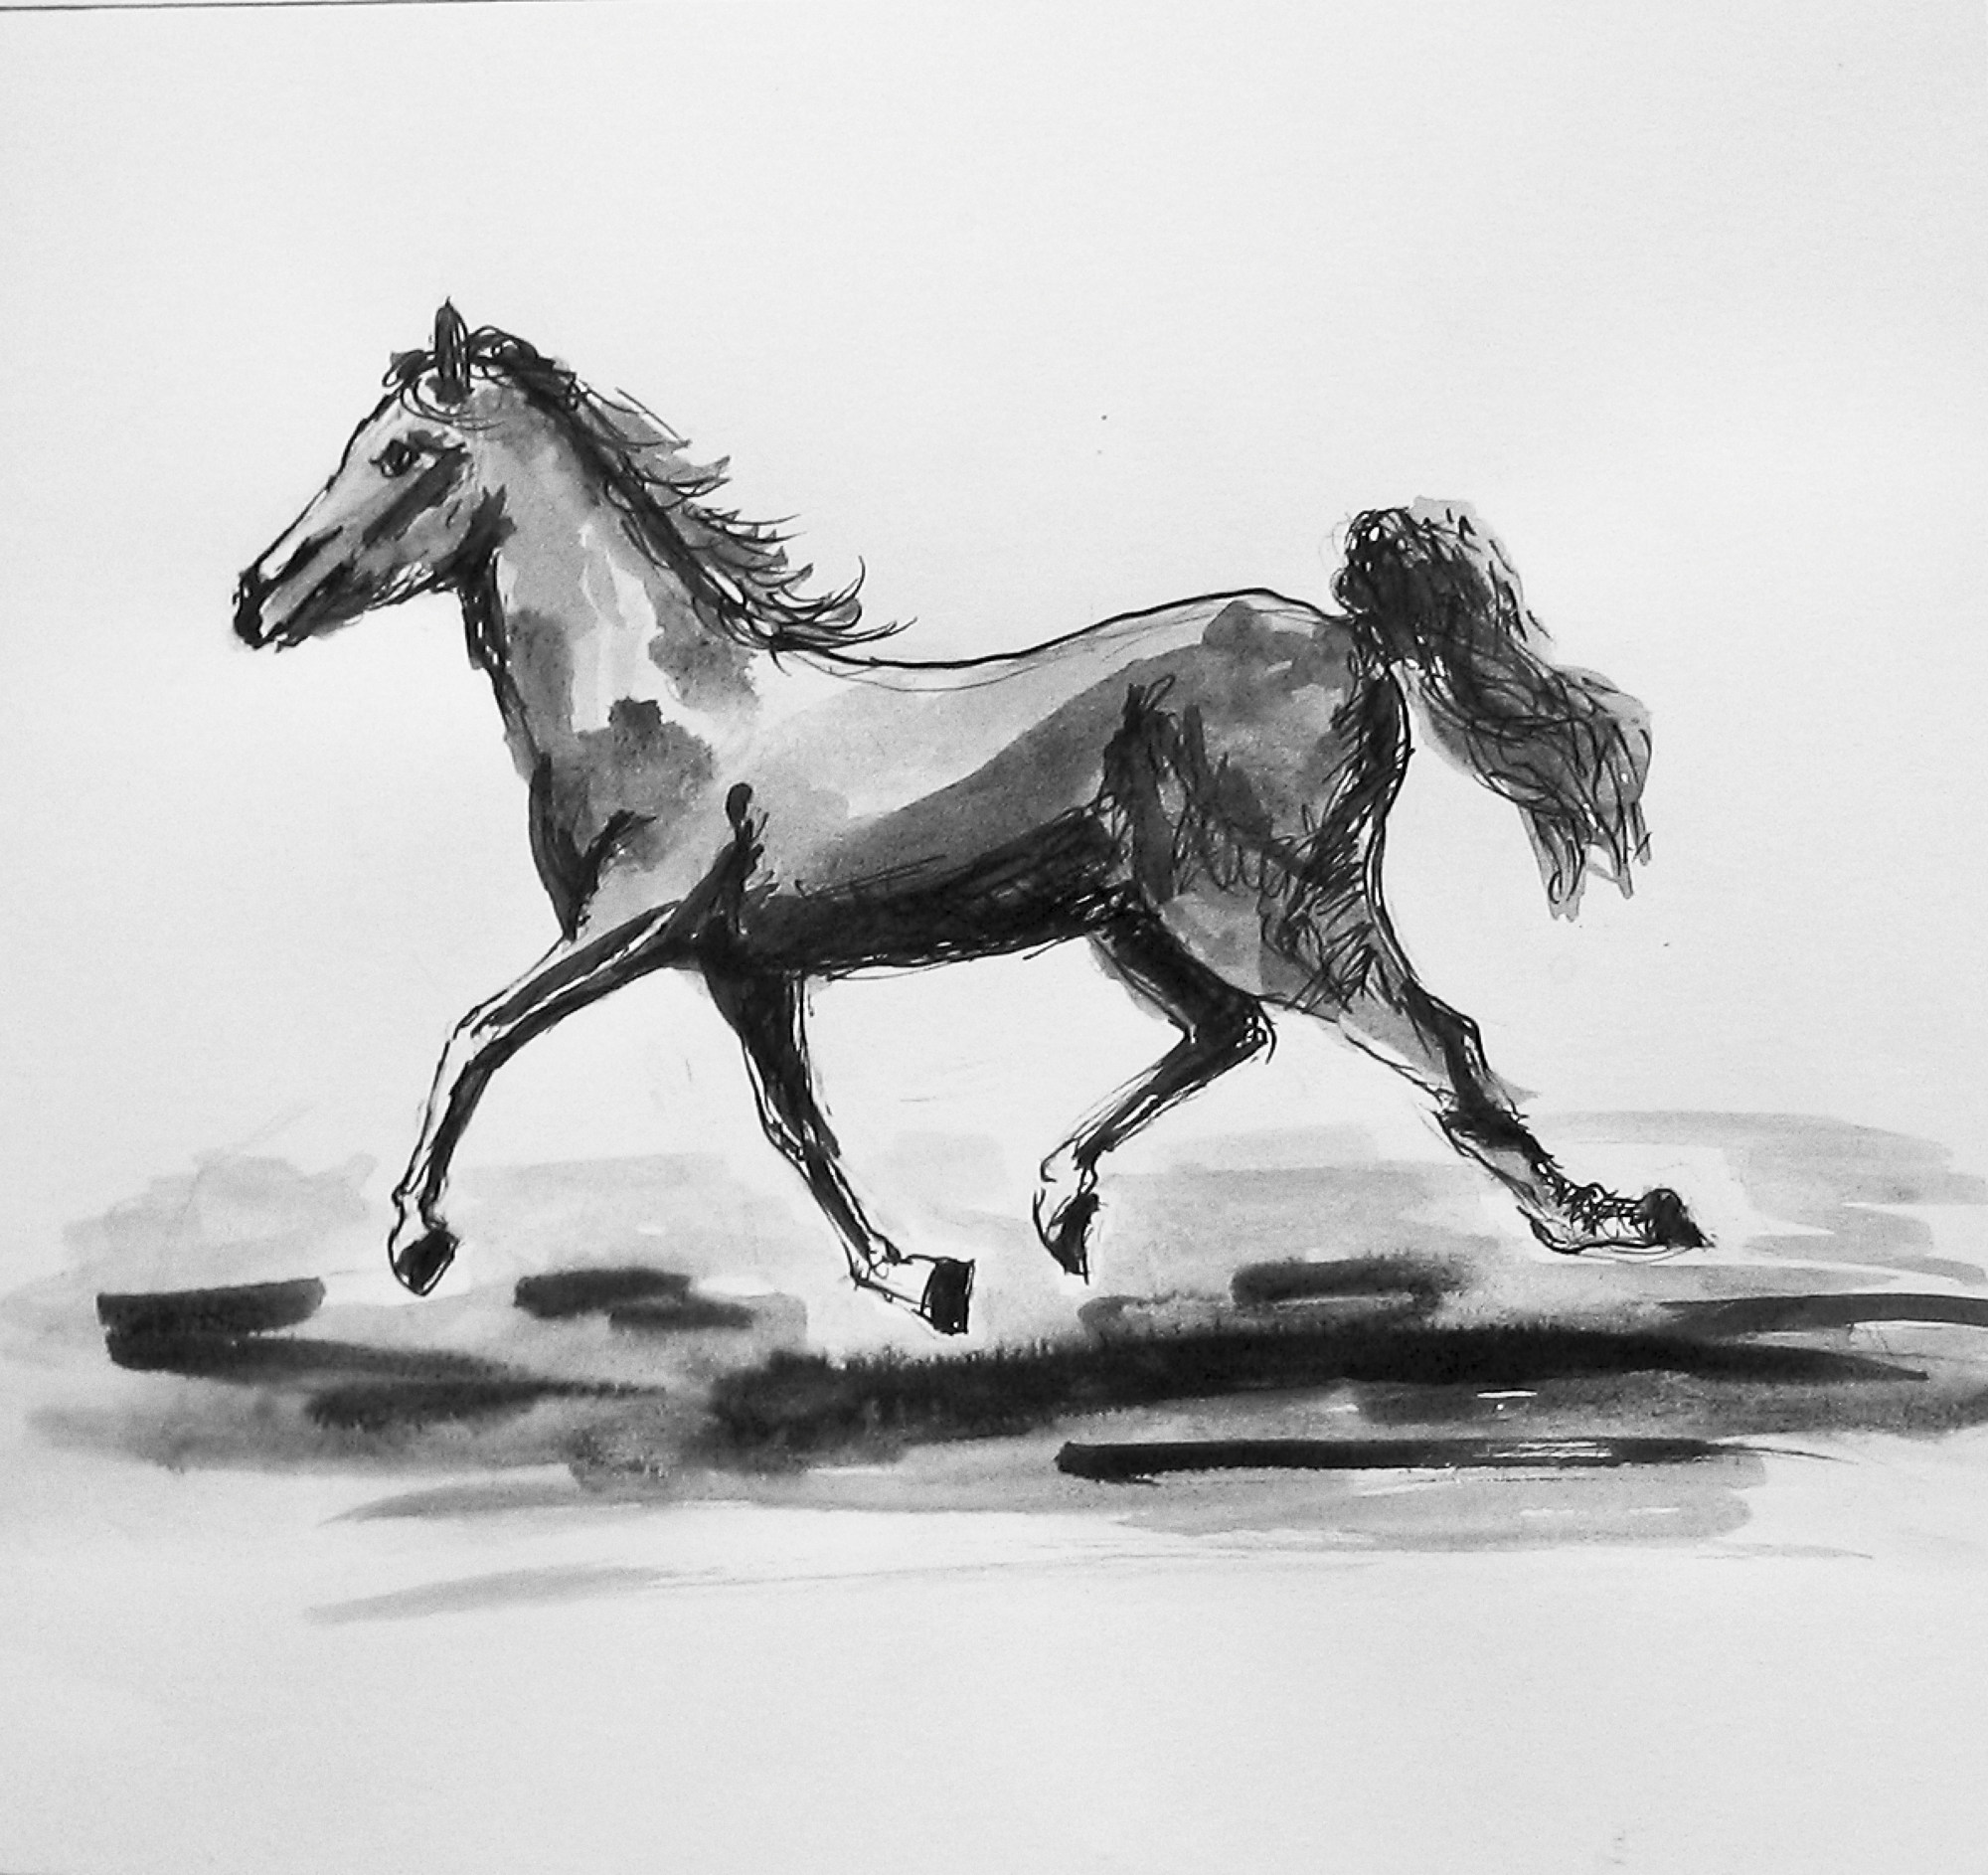 2009 - Pferd in Bewegung, 50x40cm, Tusche